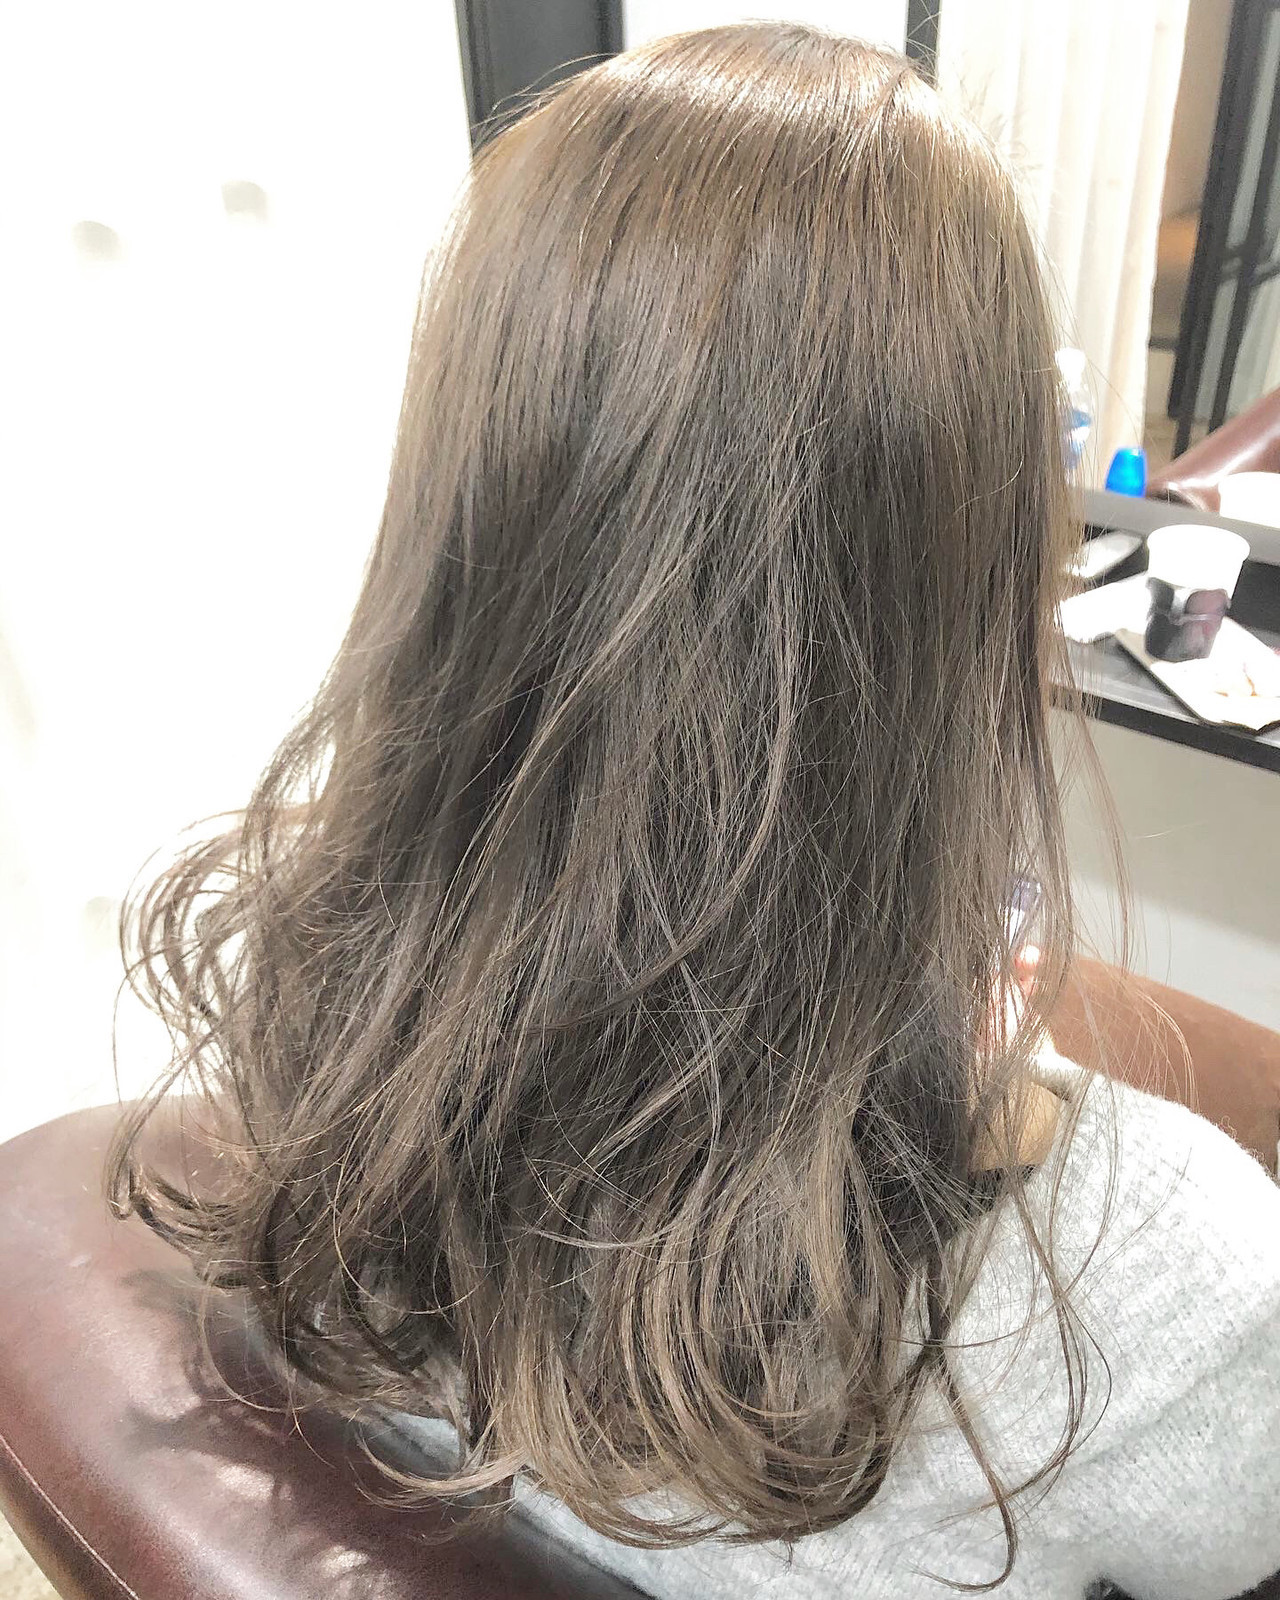 ハイトーンカラー シナモンベージュ ナチュラル ハイトーン ヘアスタイルや髪型の写真・画像